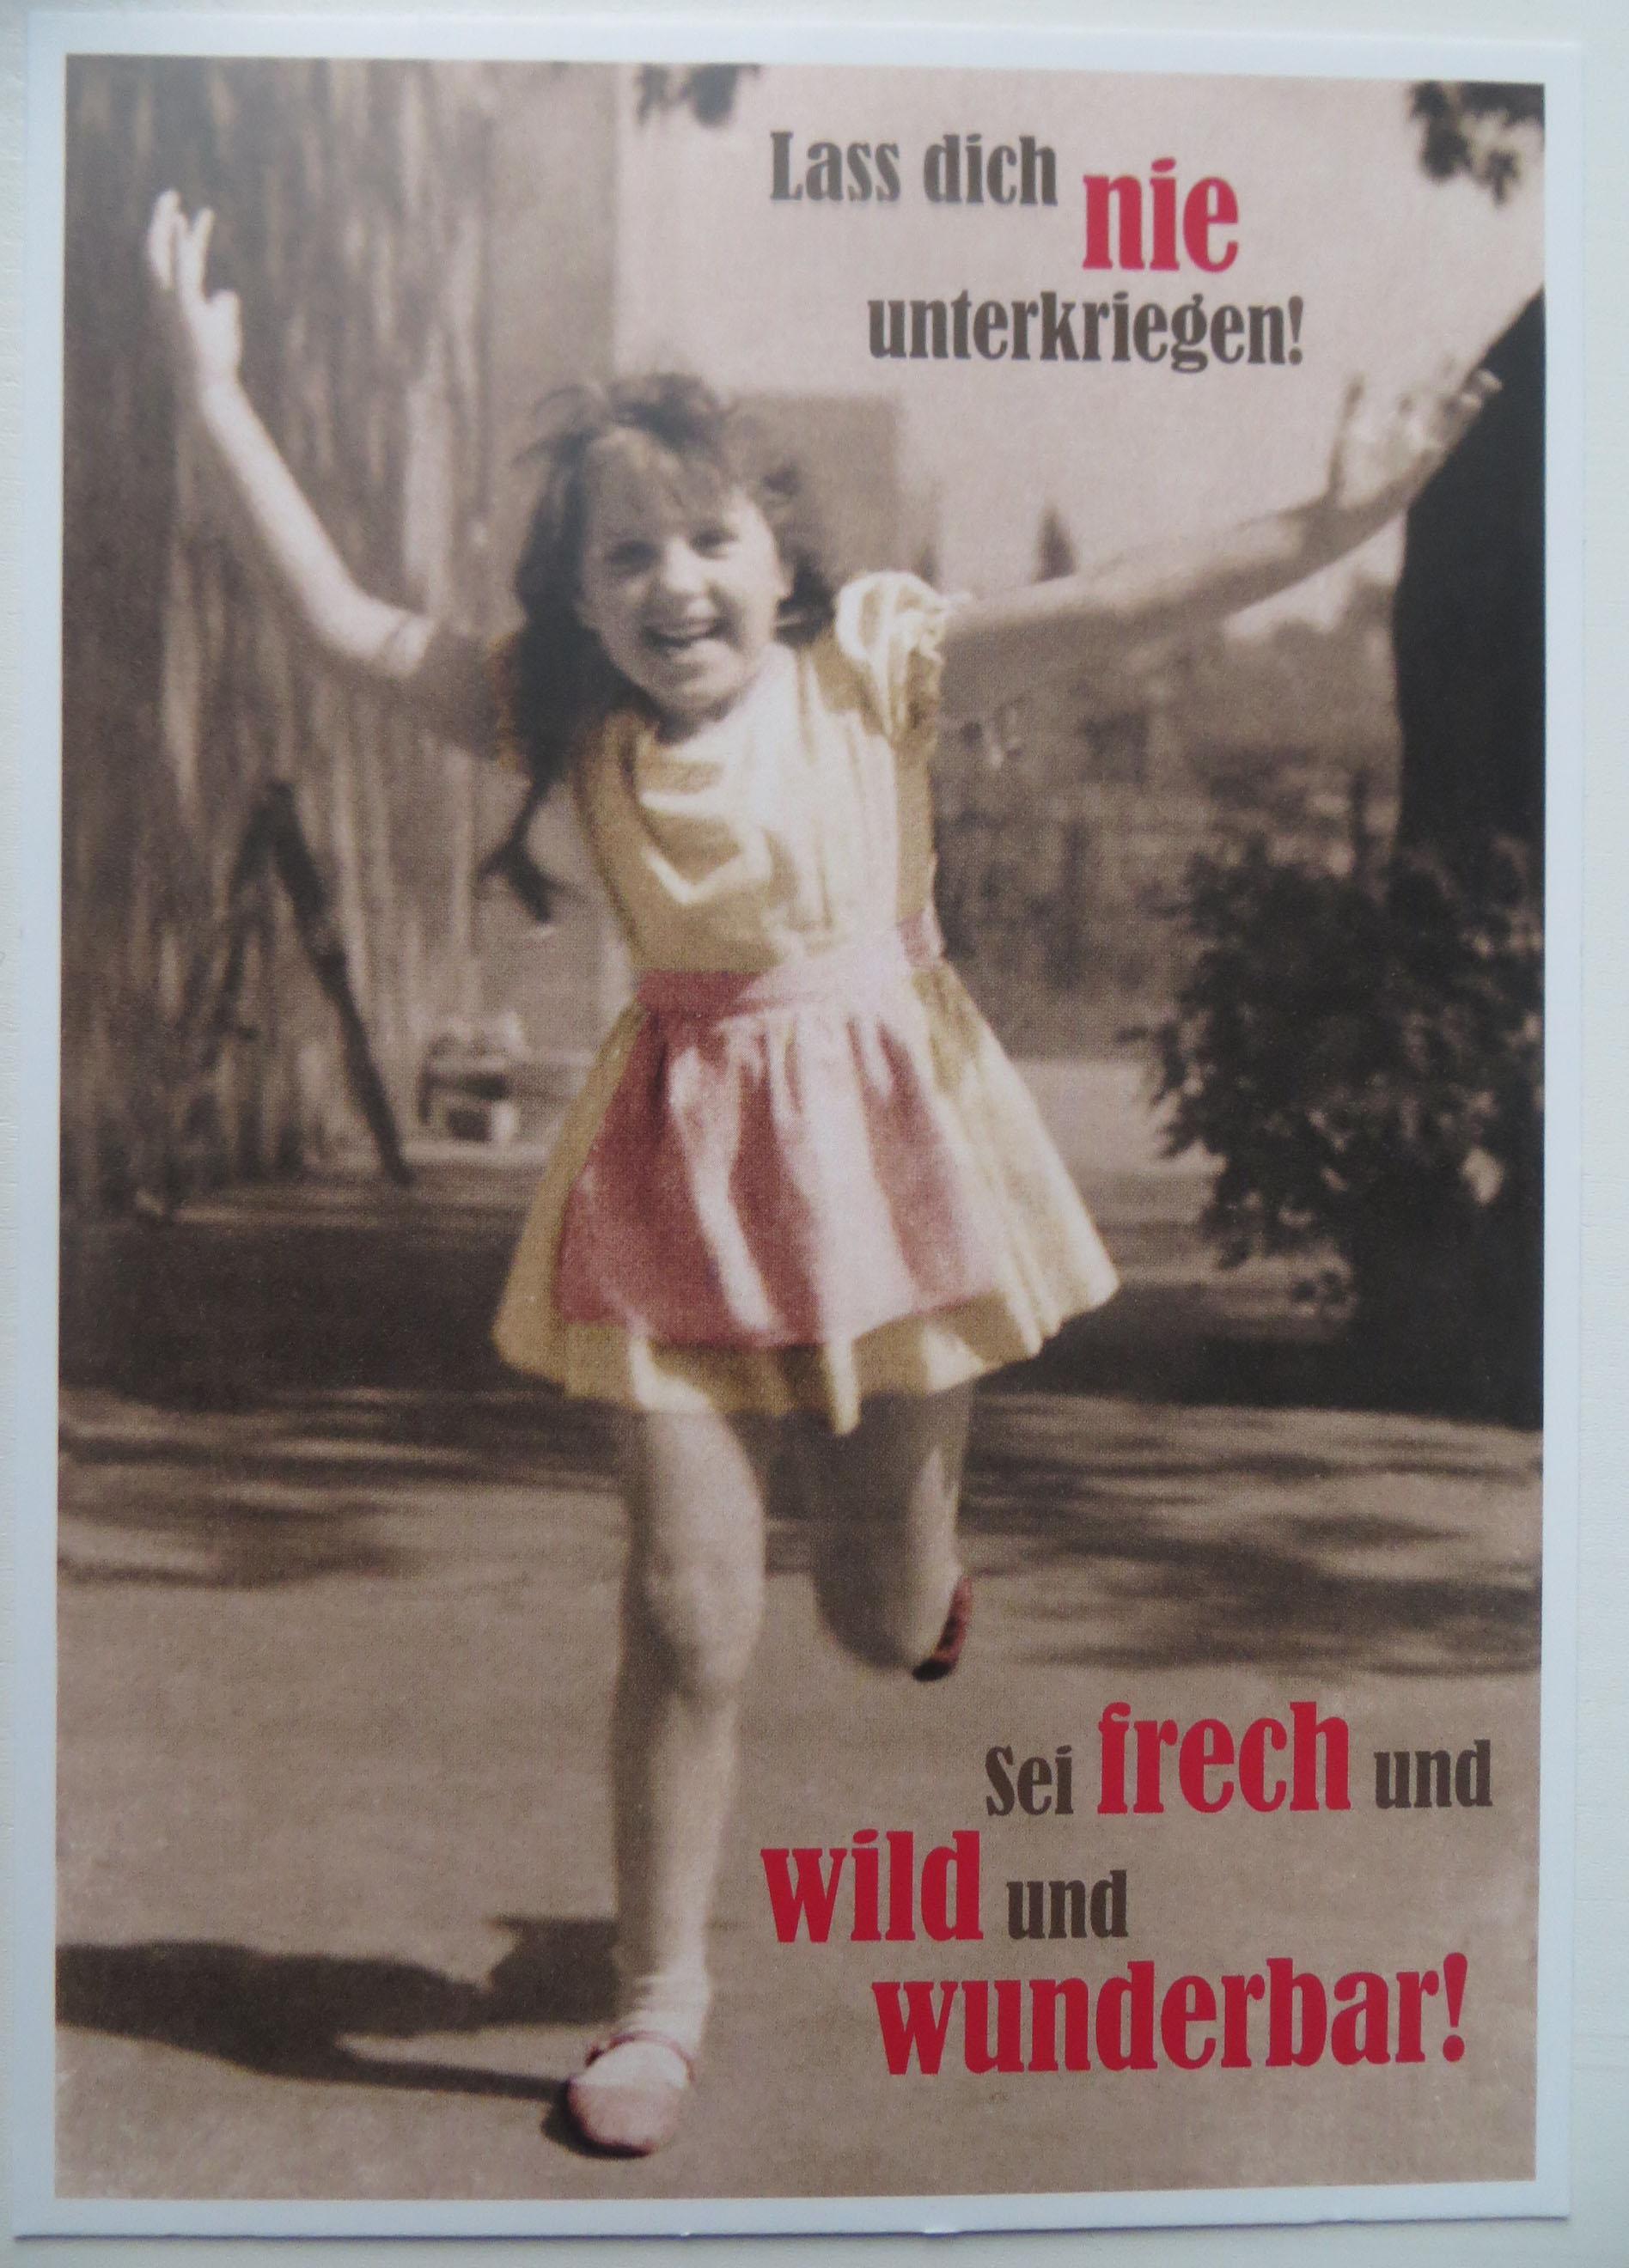 Postkarte Karte Lass dich nie unterkriegen Sei frech und wild und wunderbar Paloma